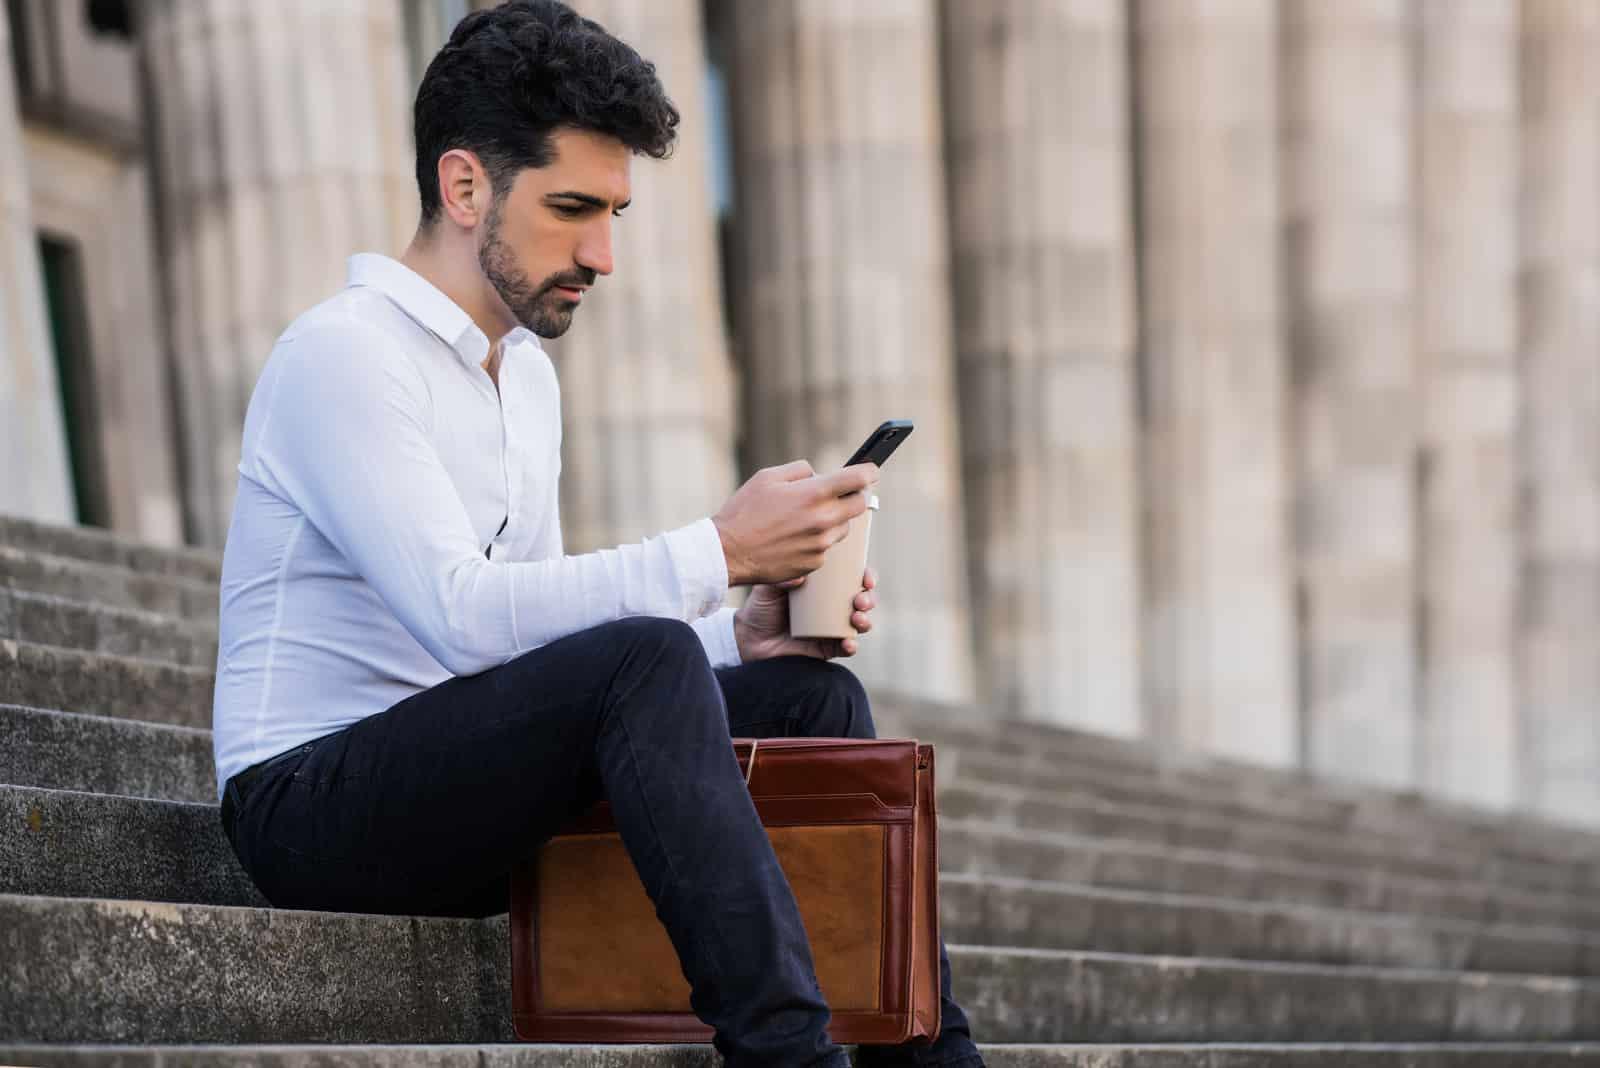 un homme est assis dans les escaliers et écrit au téléphone